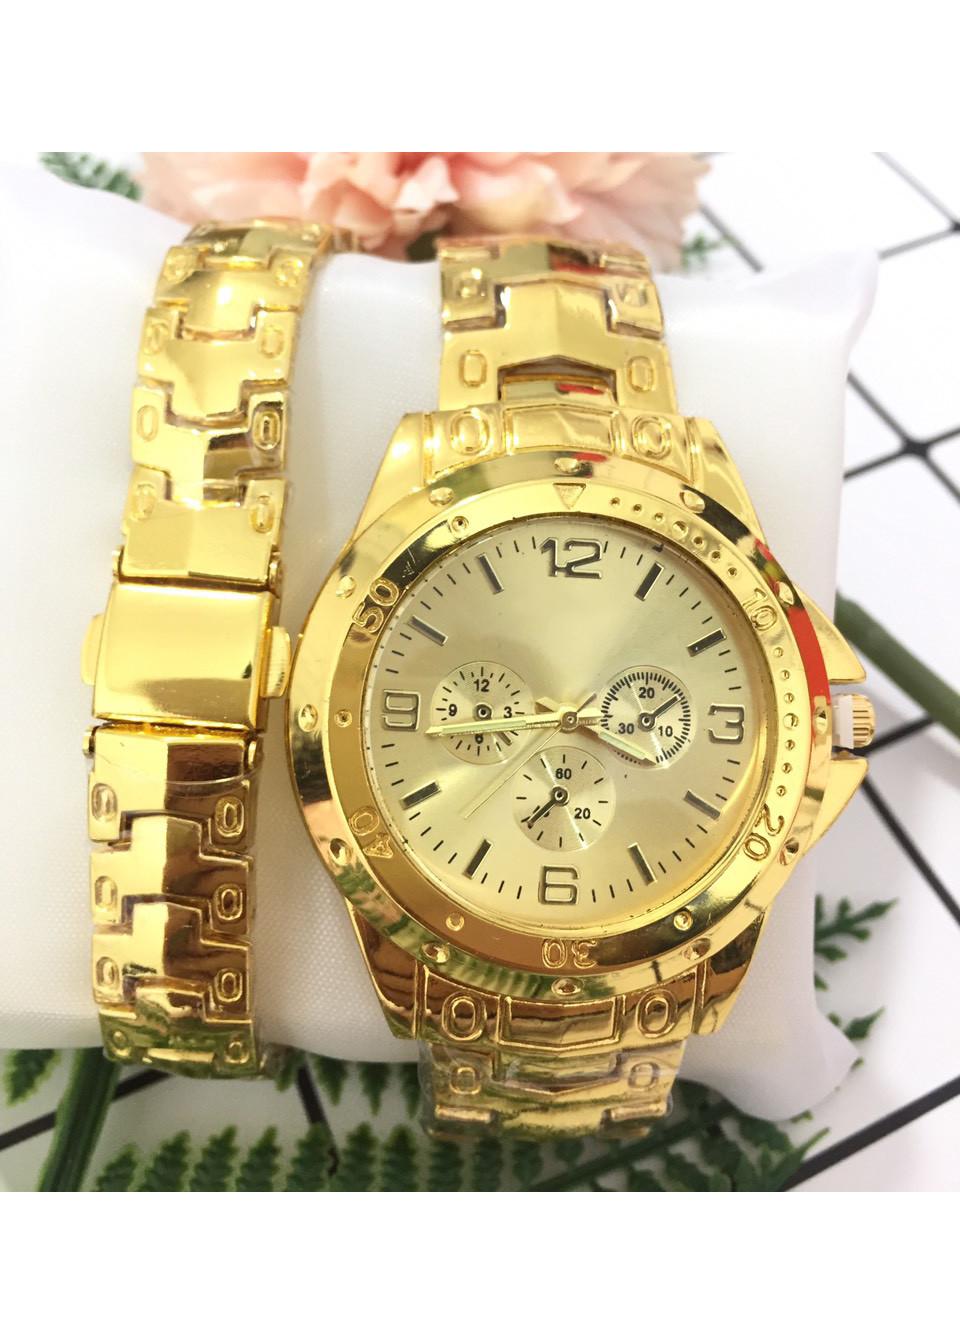 Đồng hồ nam nữ thời trang thông minh lavoca cực đẹp DH56